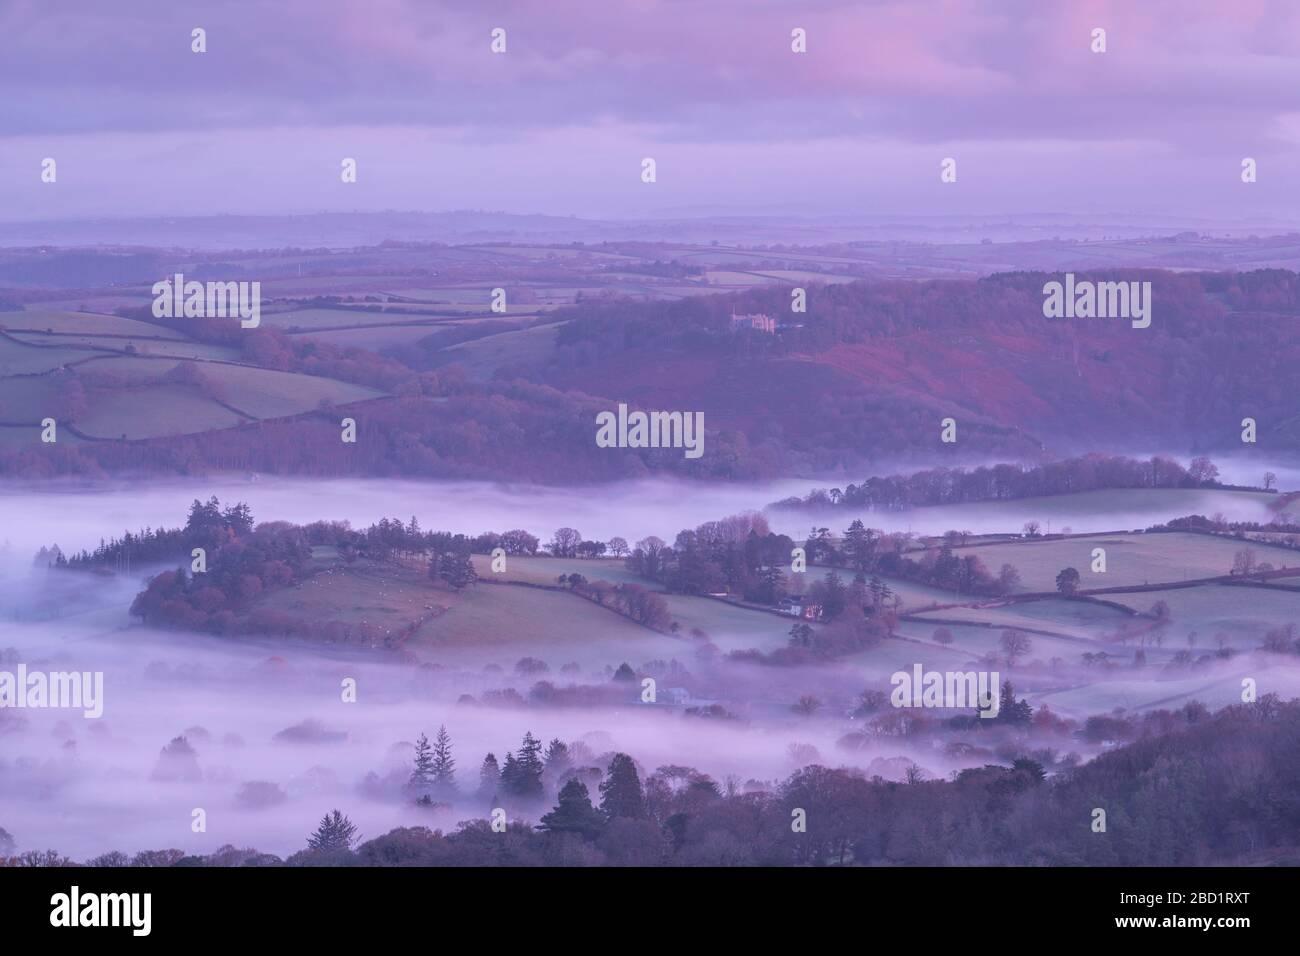 La niebla envolvía la campiña de Dartmoor cerca del Castillo Drogo en invierno, el Parque Nacional de Dartmoor, Devon, Inglaterra, Reino Unido, Europa Foto de stock